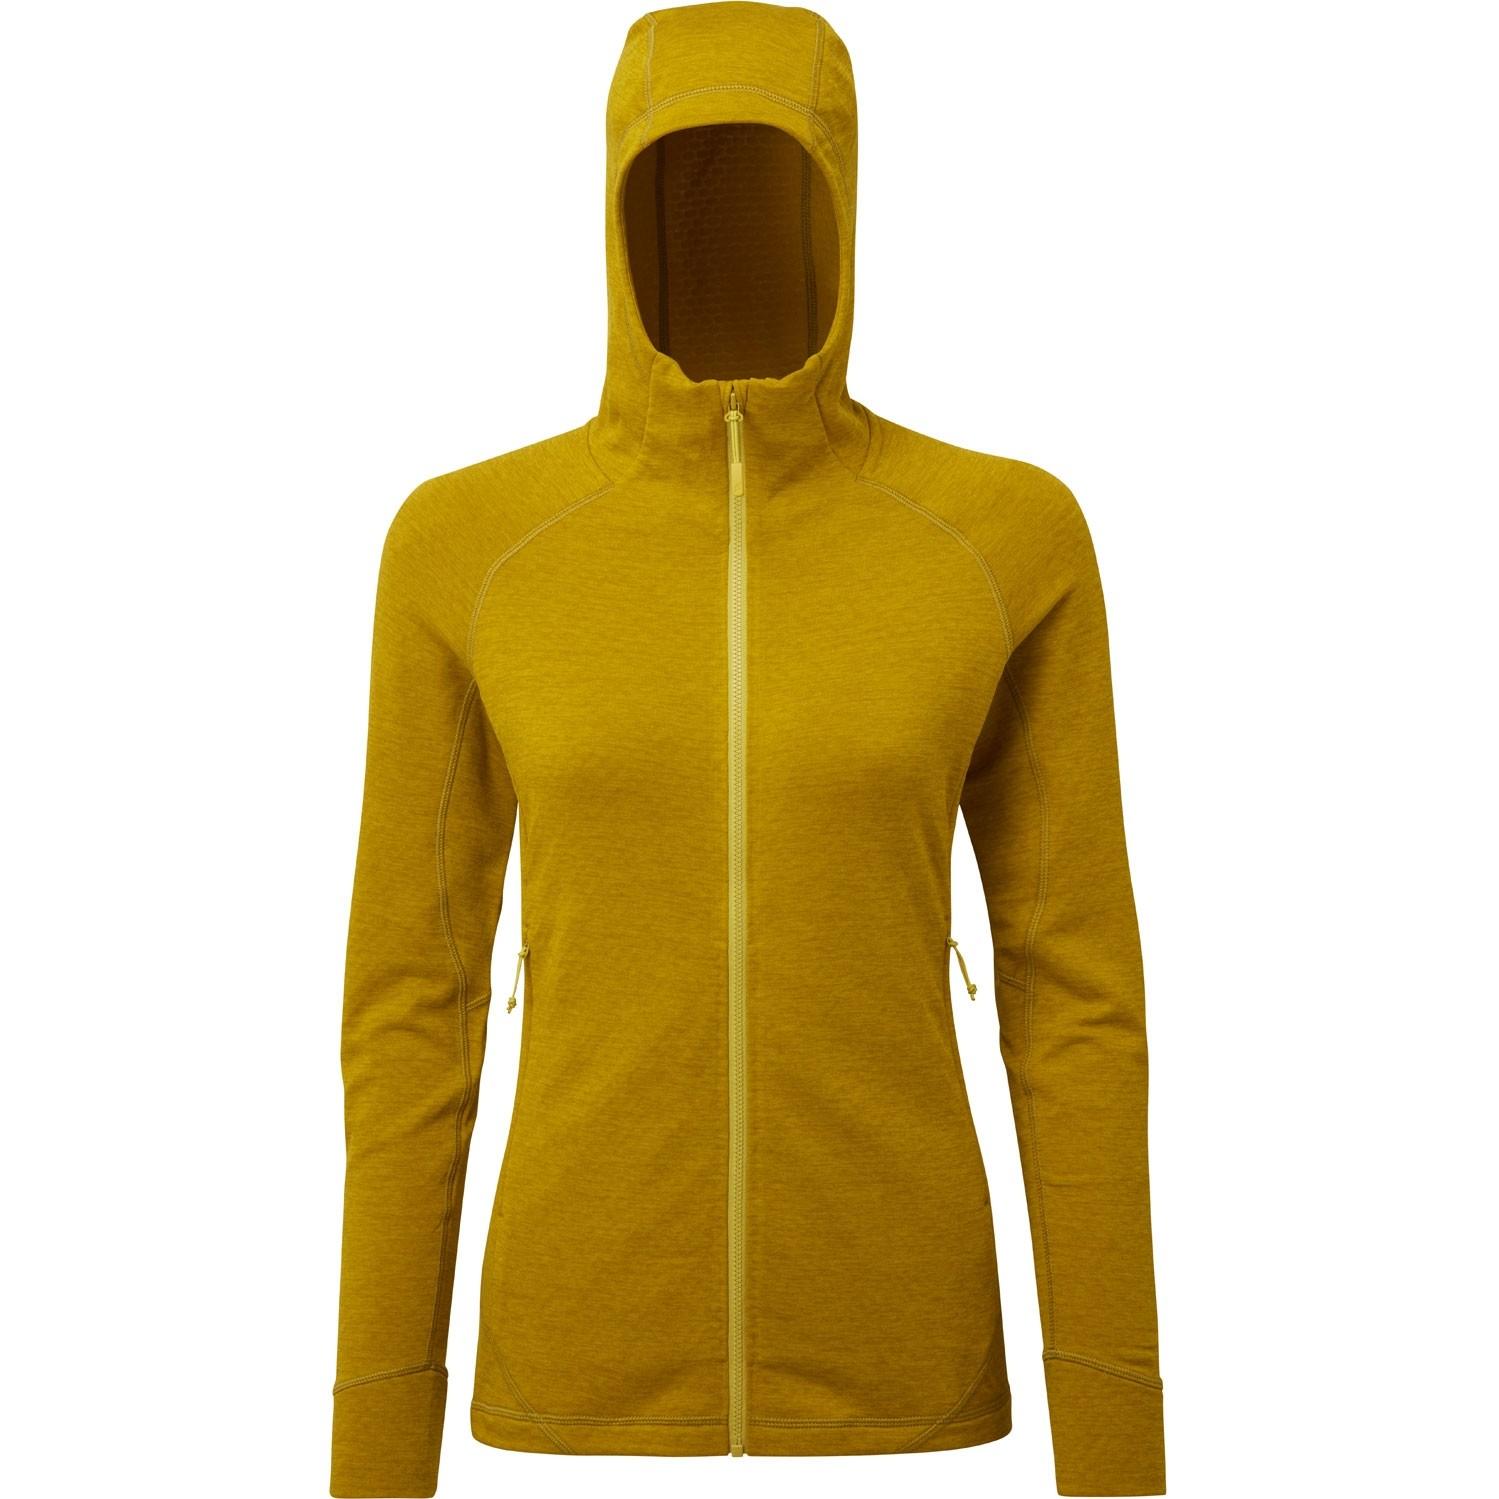 Rab Nexus Hooded Fleece Women's Jacket - Sulphur